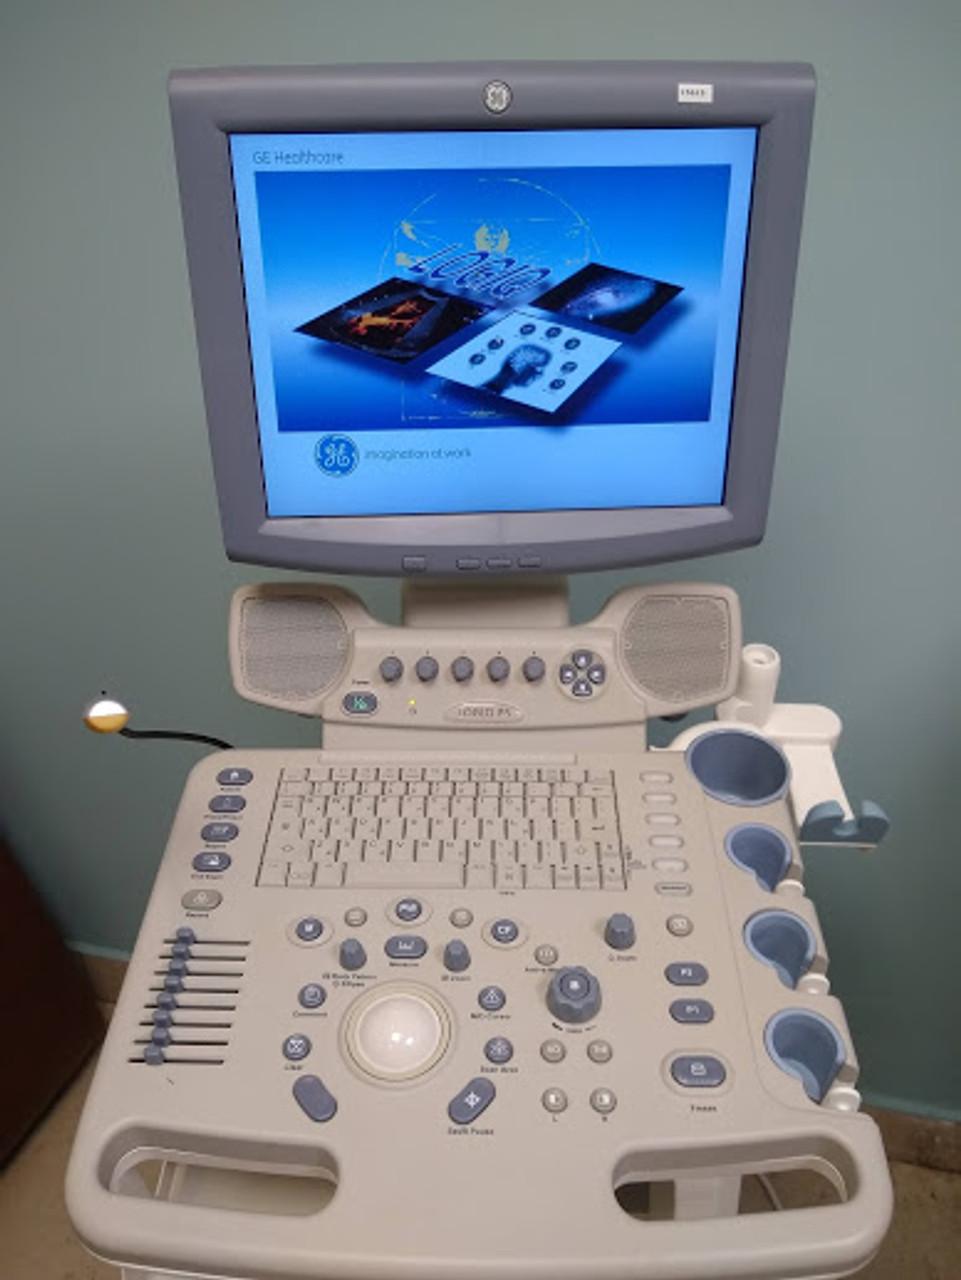 Logiq P5 BT08-  Shared Service Ultrasound